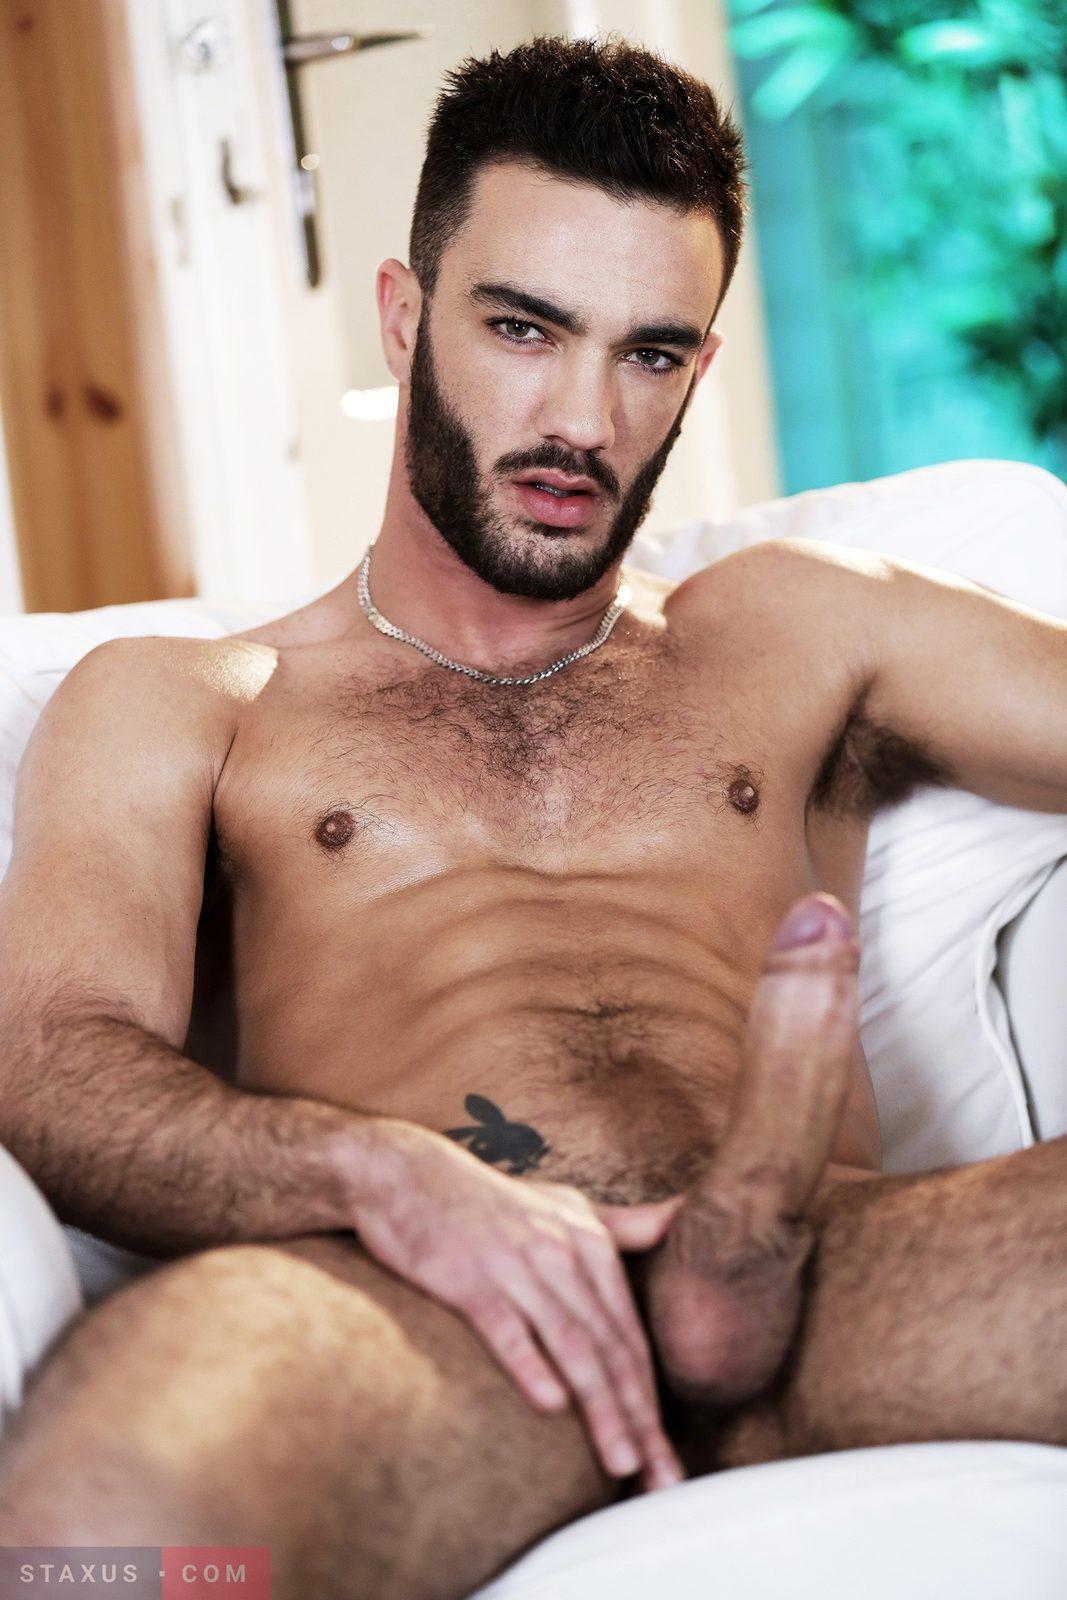 Actor Porno Alejandro alejandro gay porn   gay fetish xxx